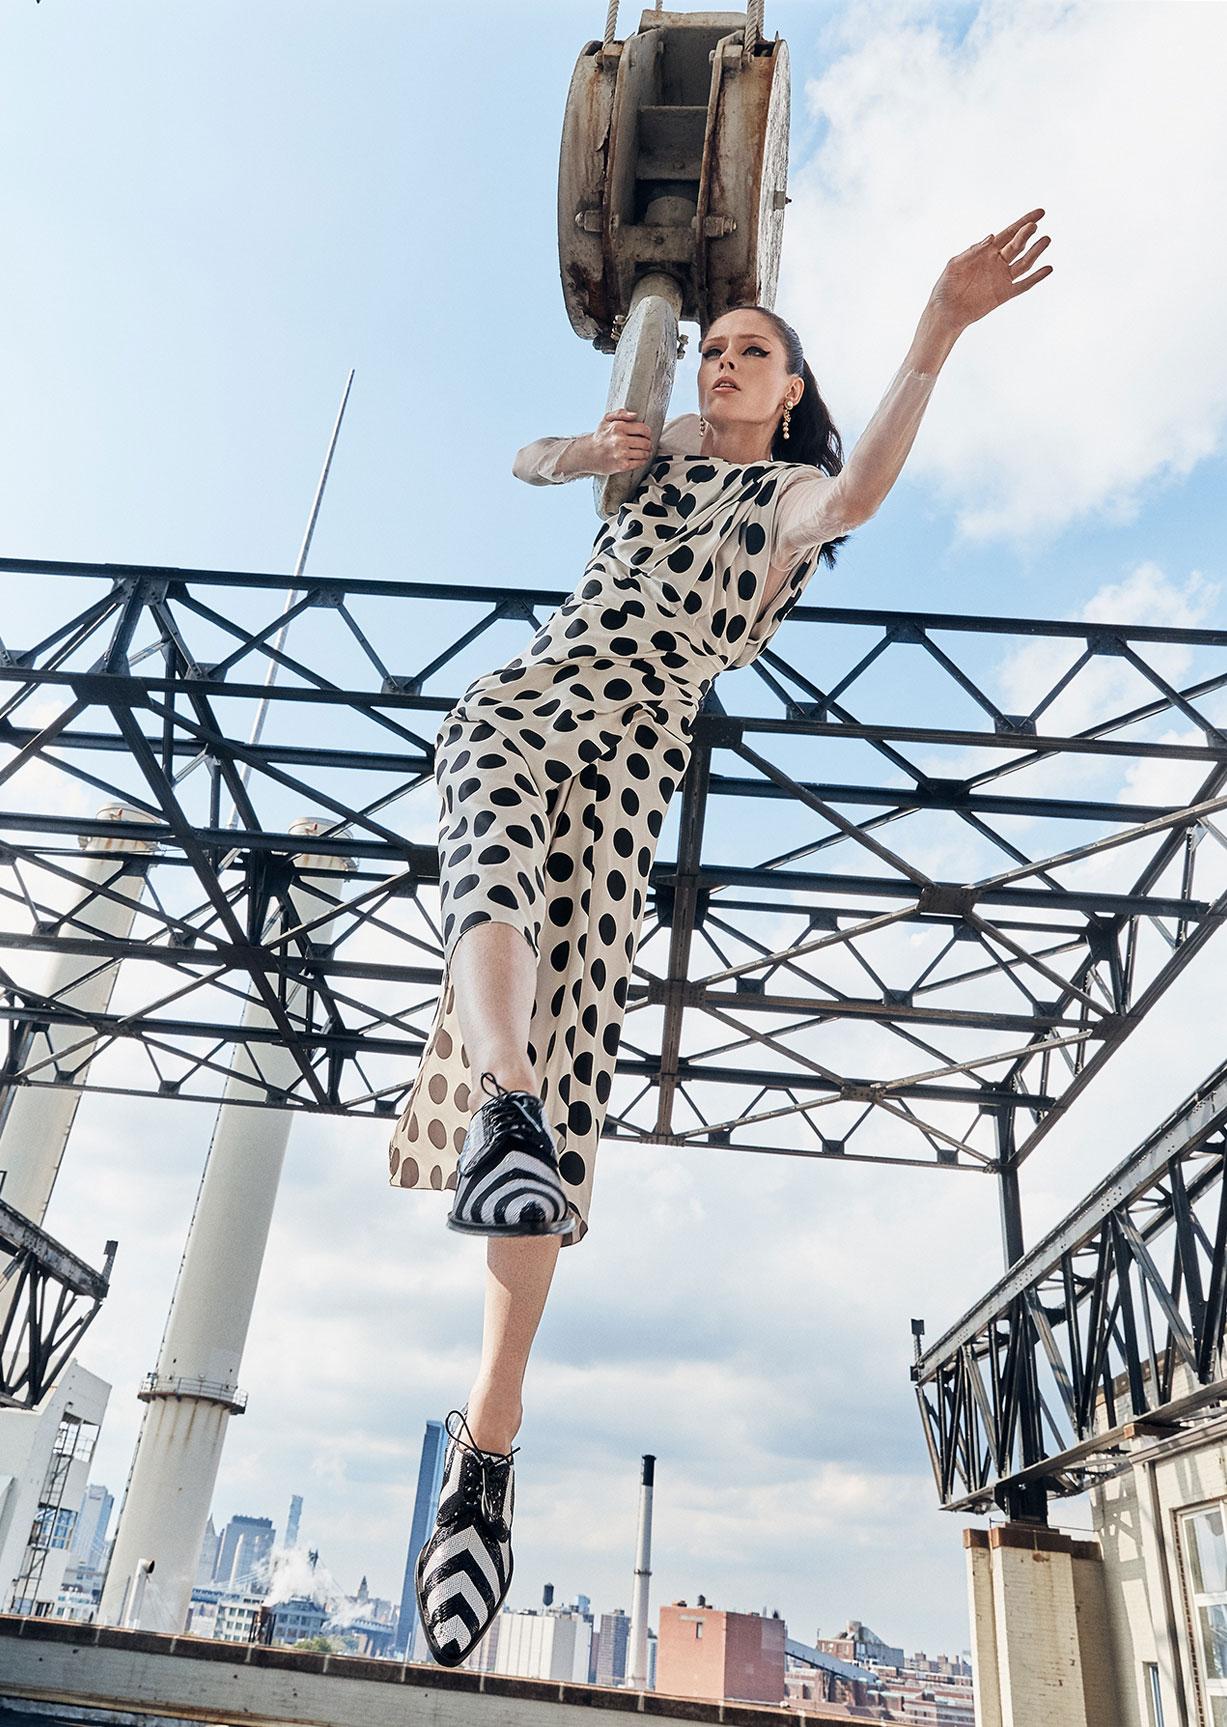 модное дефиле на крыше, модель Коко Роша / фото 03